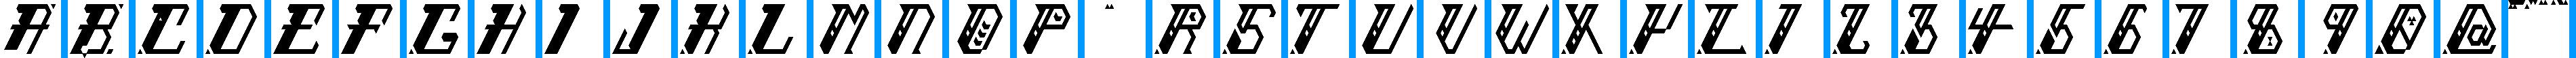 Particip-a-type v.289